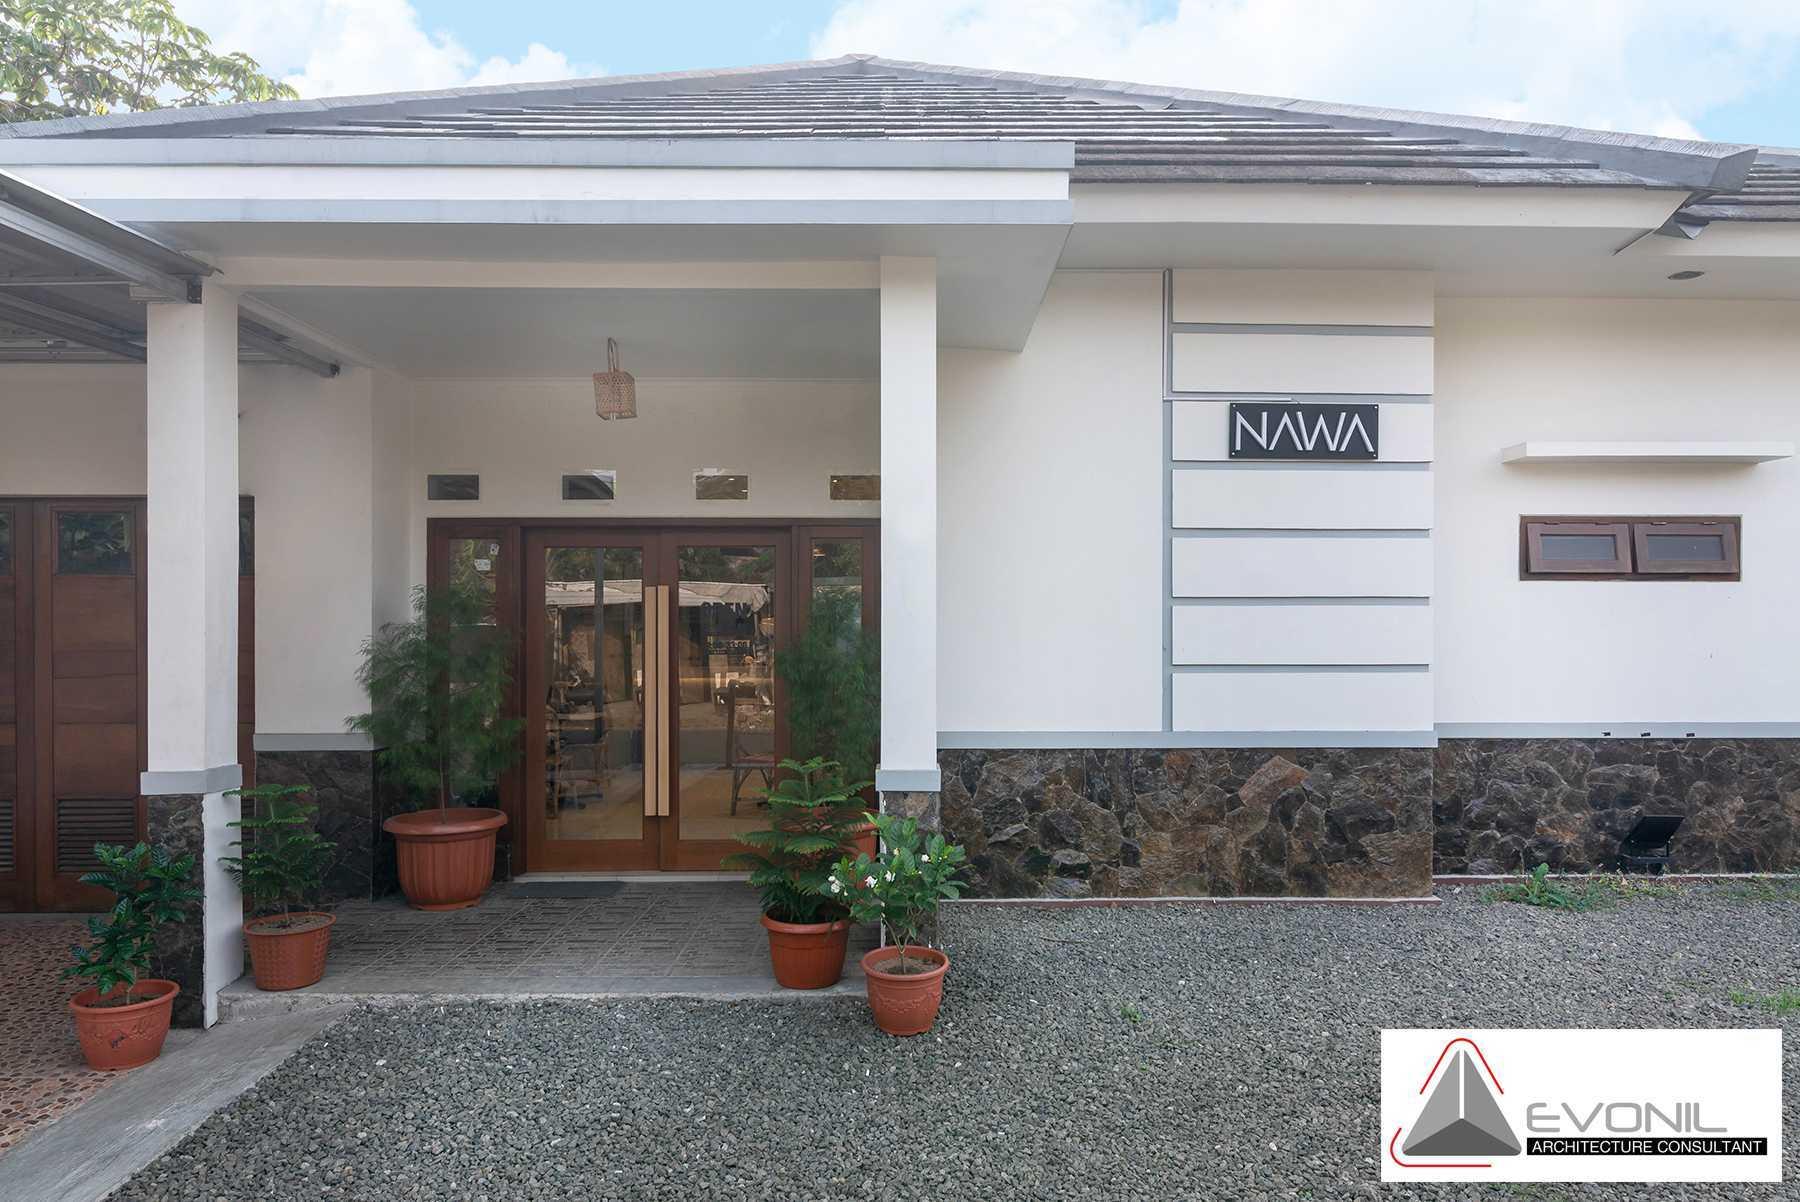 Evonil Architecture Nawa Kopi Coffeshop & Brunch - Bogor Bogor, Jawa Barat, Indonesia Bogor, Jawa Barat, Indonesia Evonil-Architecture-Nawa-Kopi-Coffeshop-Brunch-Bogor  60268